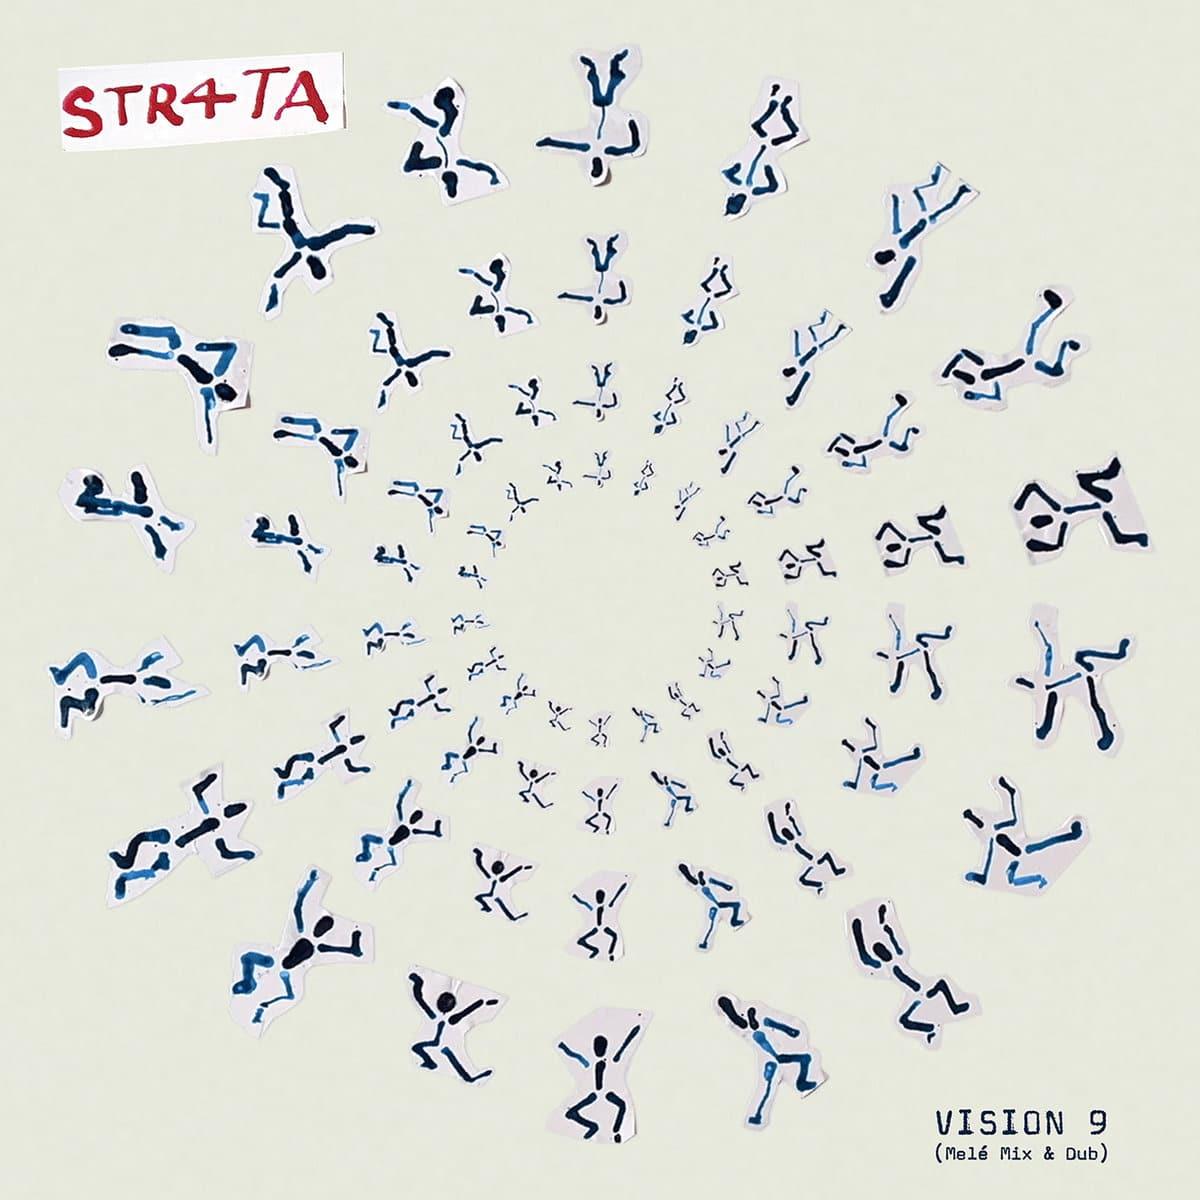 STR4TA Vision 9 Mele Dub